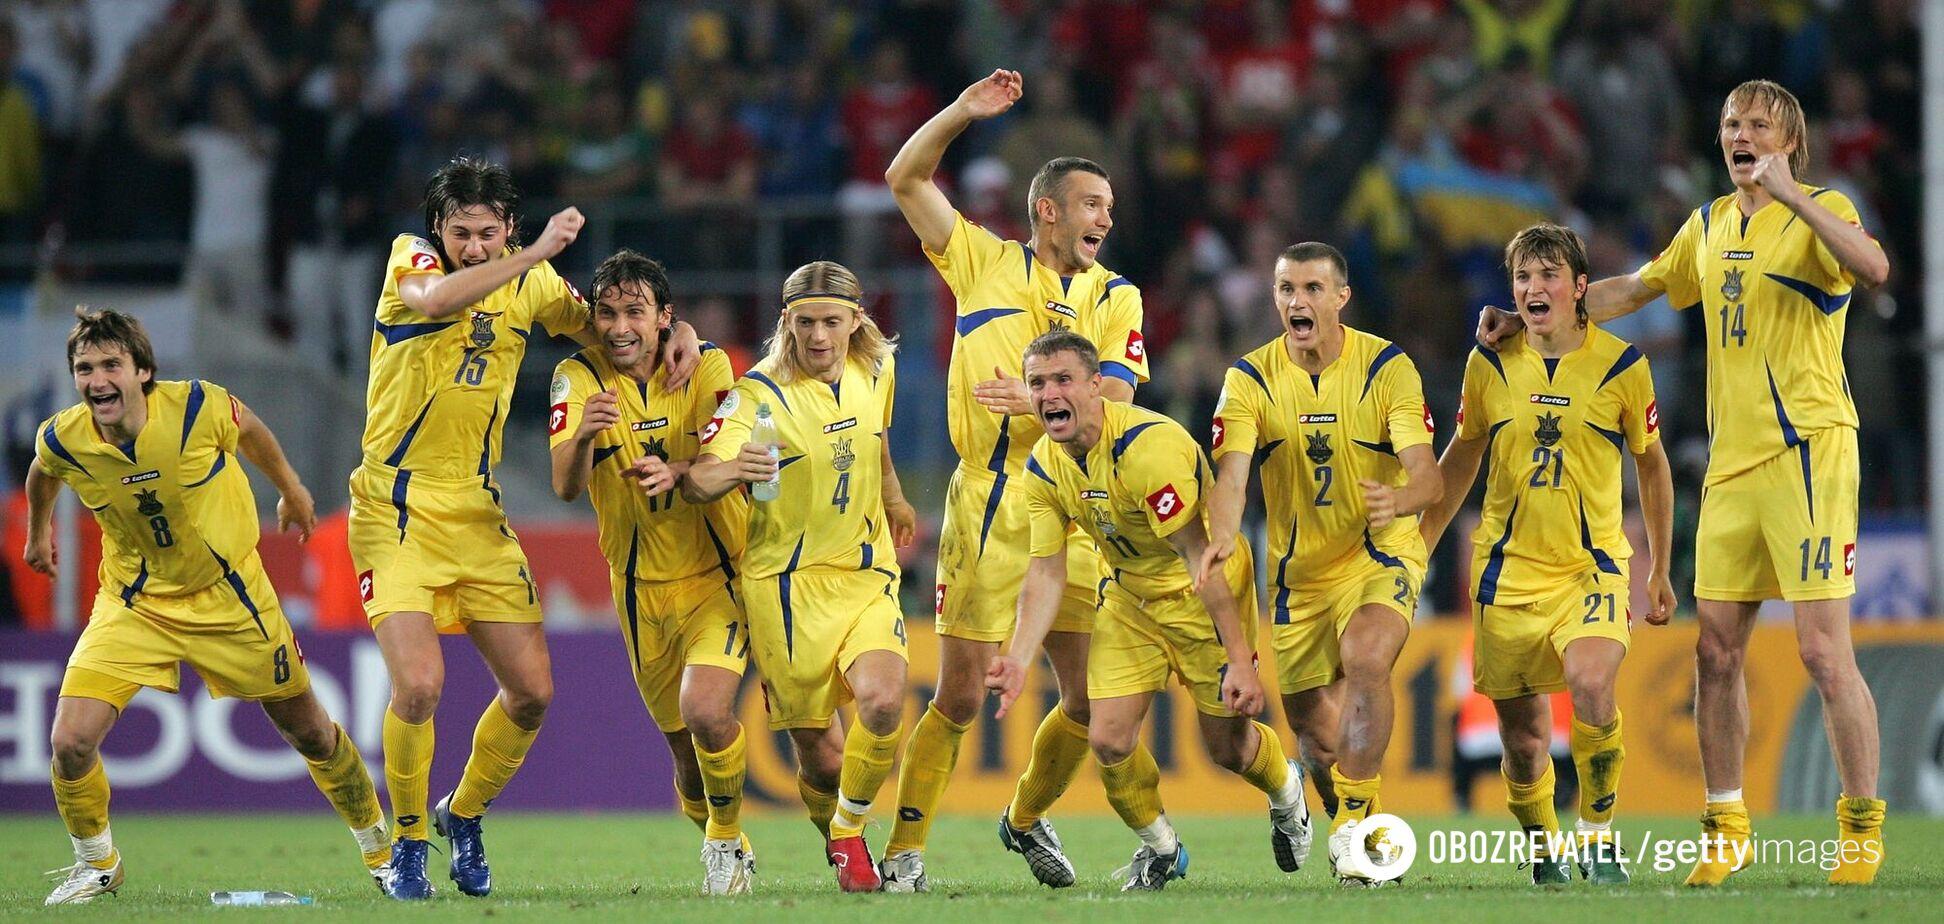 Радість гравців збірної України після перемоги над Швейцарією в серії пенальті на ЧС-2006